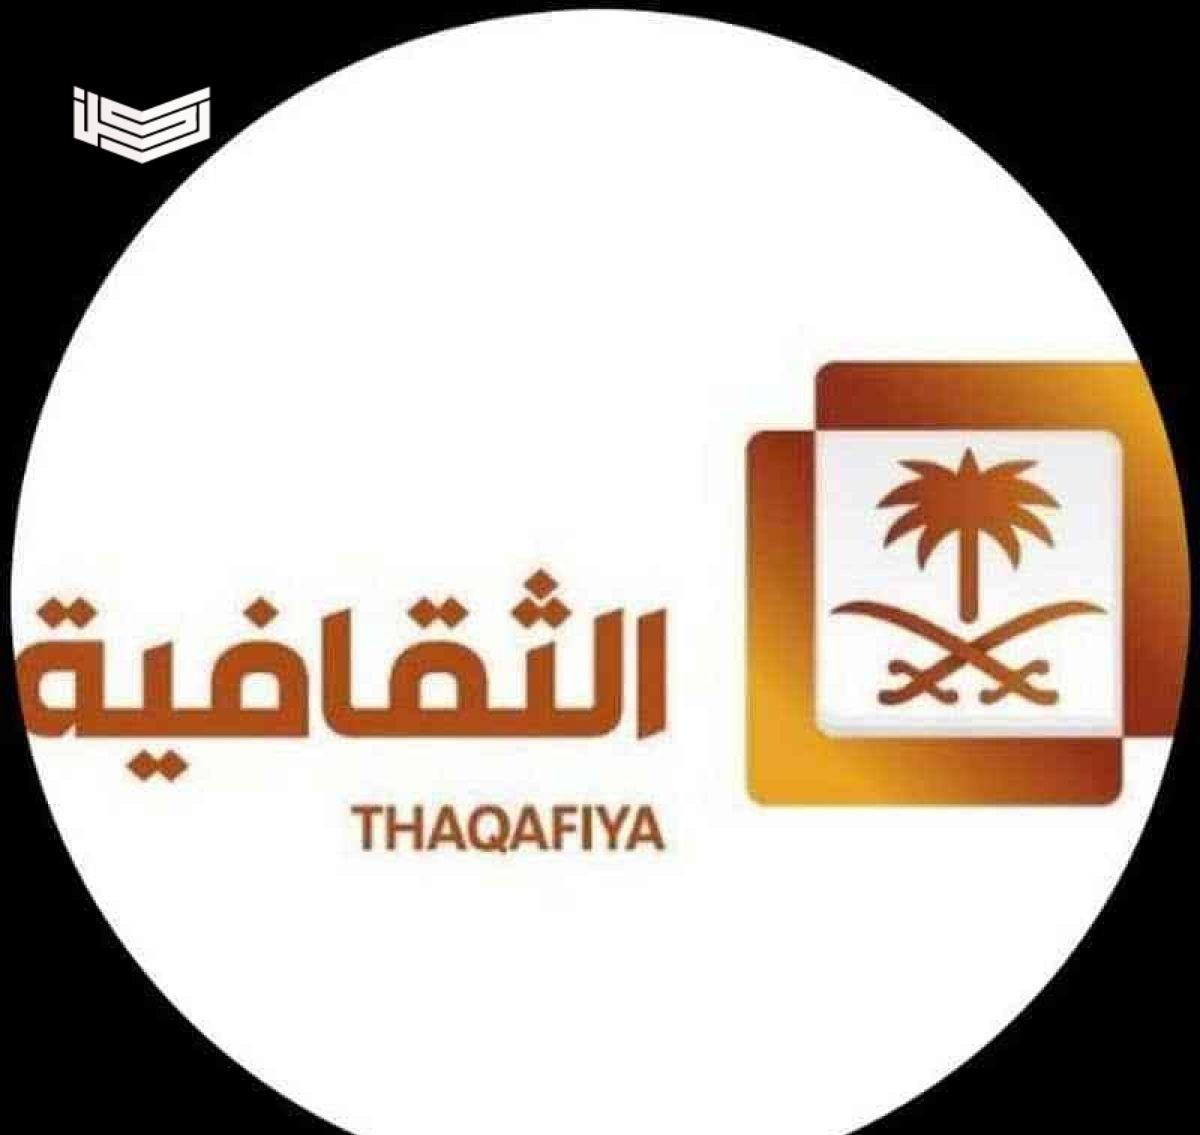 تردد القناة الثقافية السعودية على النايل سات 2020